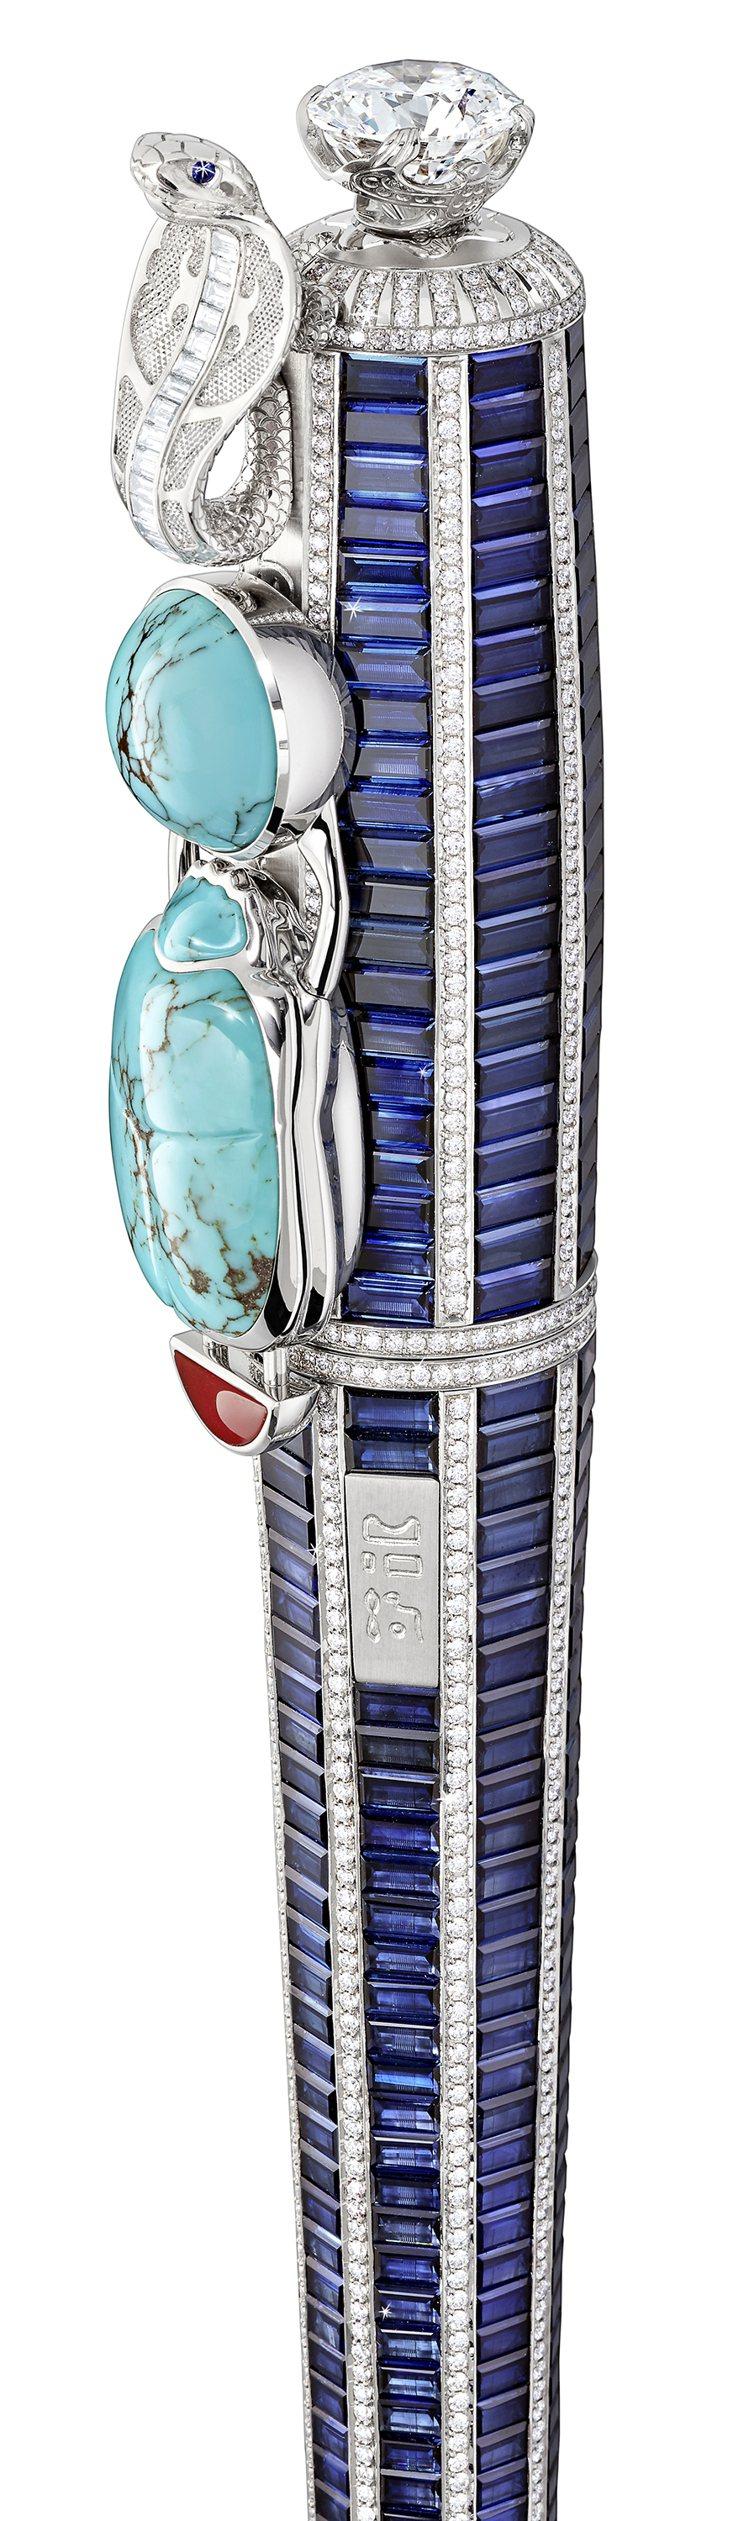 充滿中東風情的眼鏡蛇、土耳其石,加上貴重寶石,成為這款「寶藏」書寫工具的華麗元素...